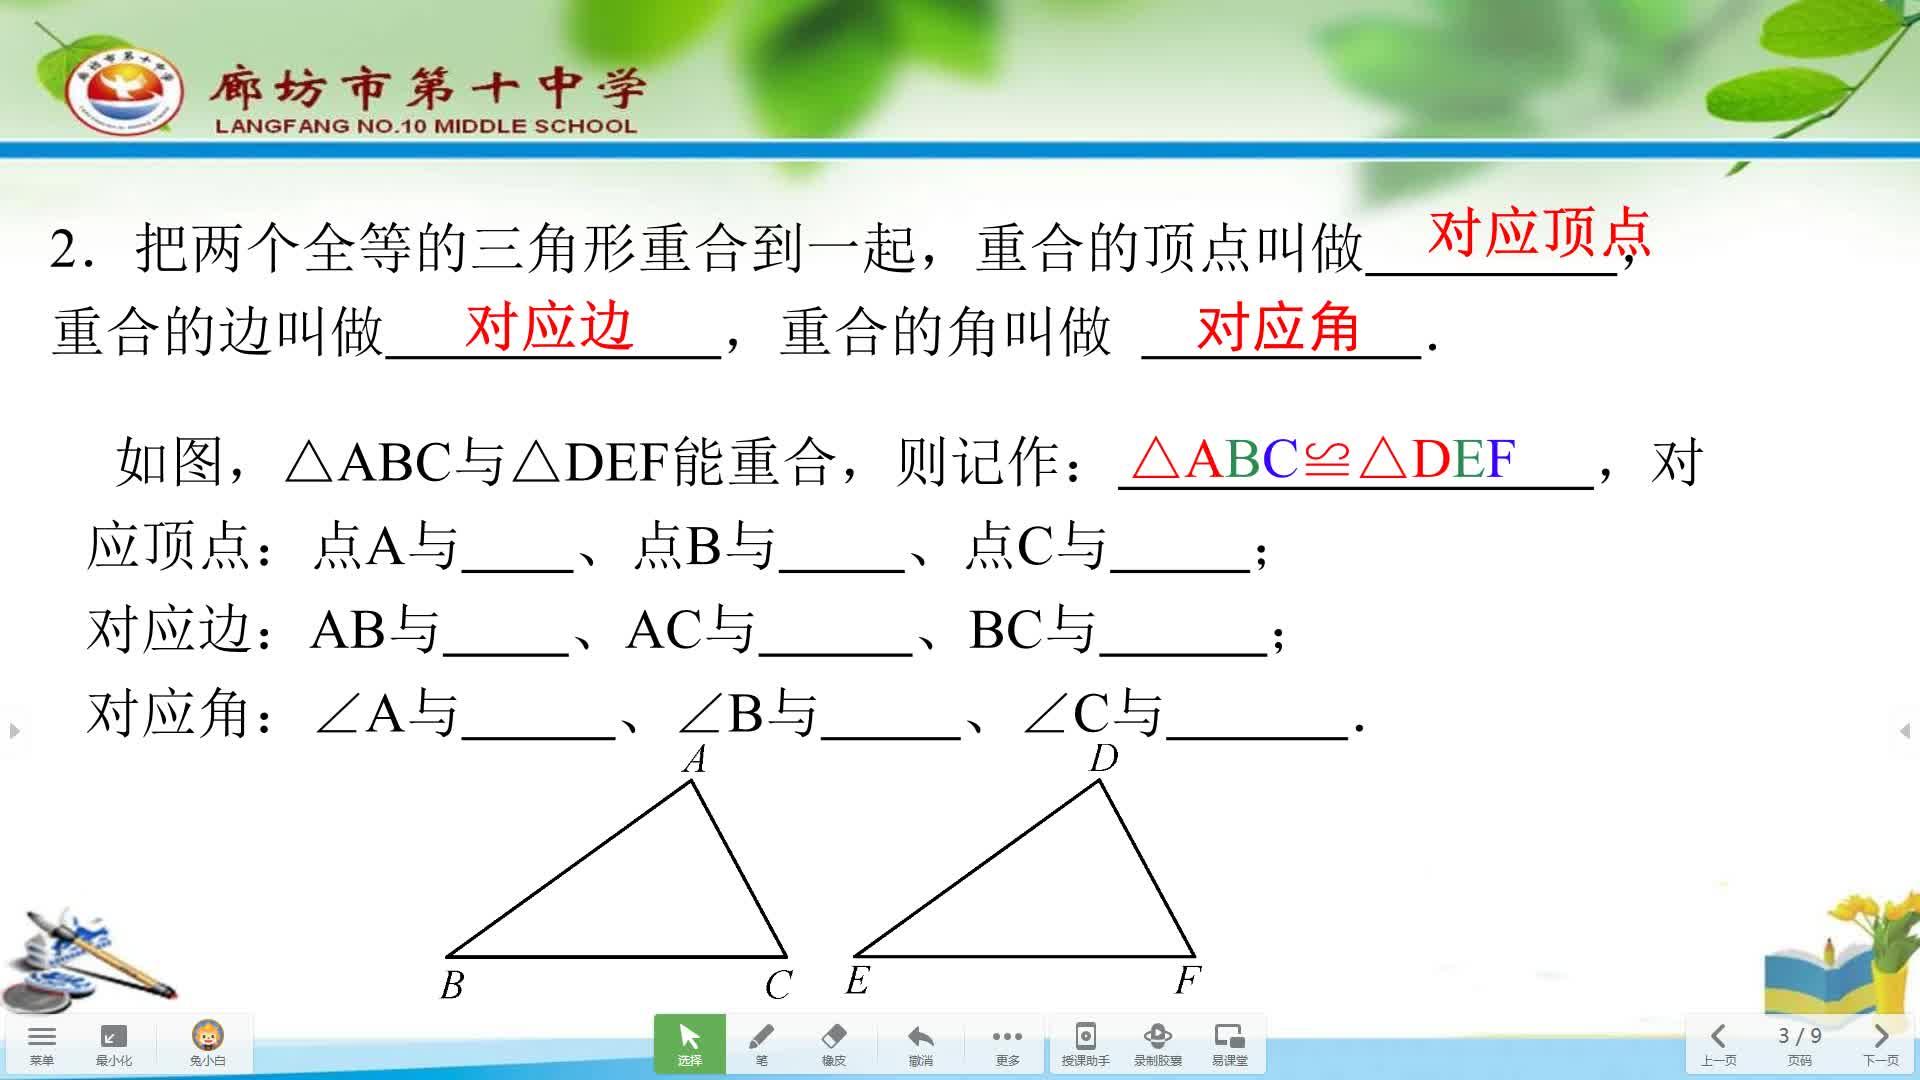 【本视频仅允许在线观看,不支持下载】 1.了解全等形及全等三角形的概念. 2.理解全等三角形的性质.  重点 探究全等三角形的性质. 难点 掌握两个全等三角形的对应边、对应角的寻找规律,能迅速正确地指出两个全等三角形的对应元素.  [来自e网通客户端]